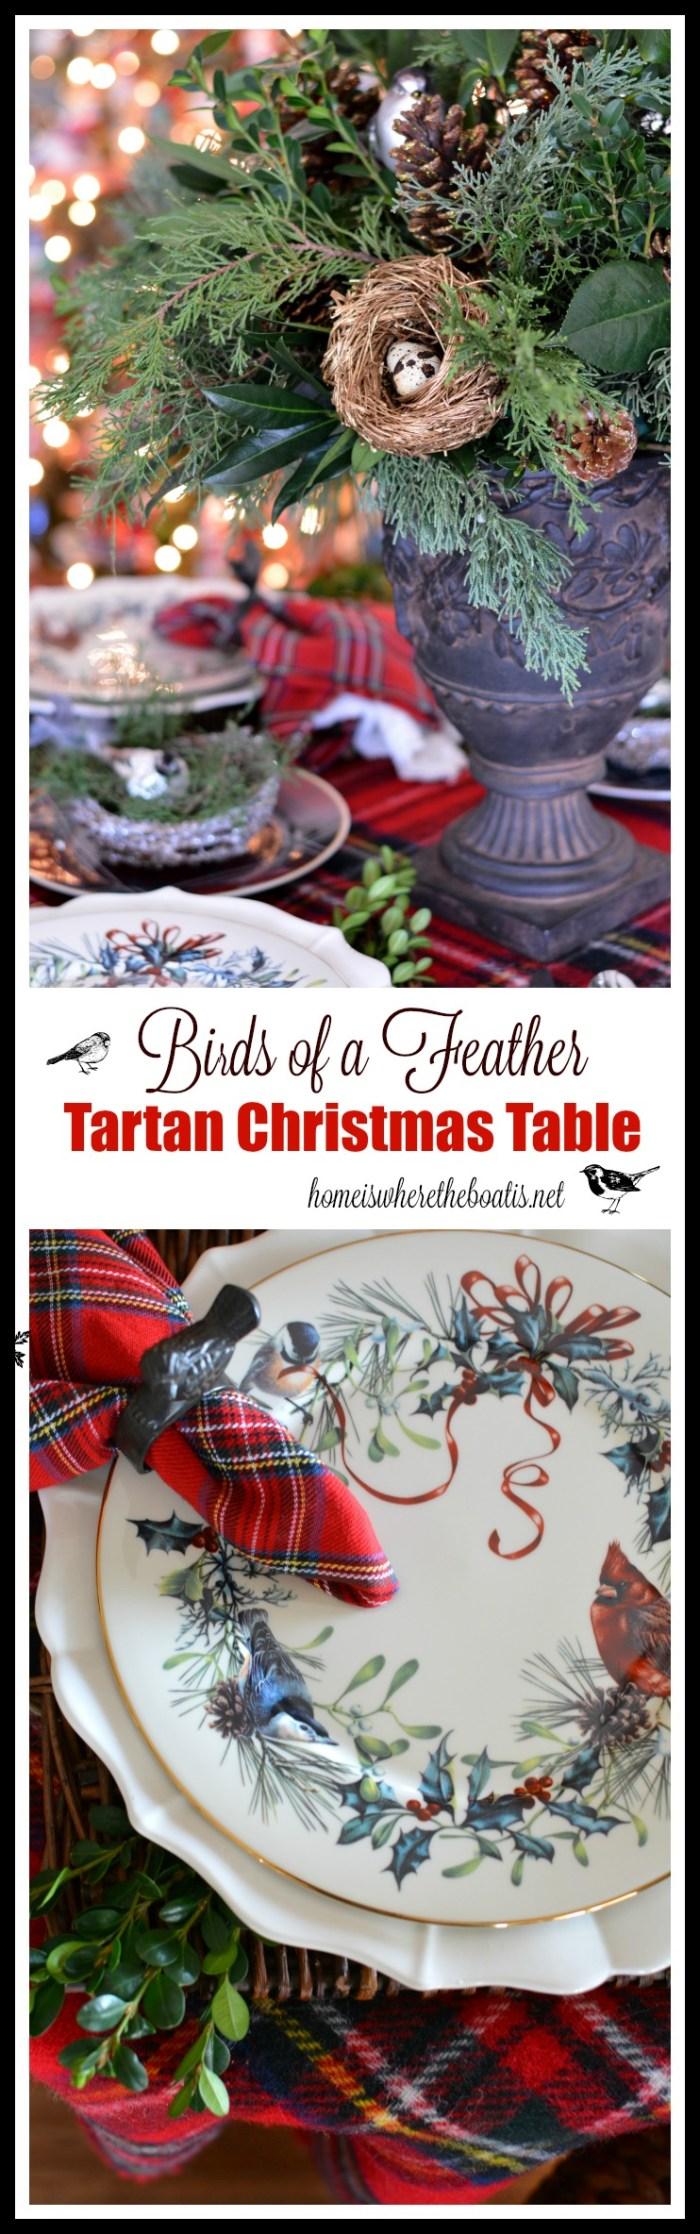 Birds of a Feather Tartan Christmas Table